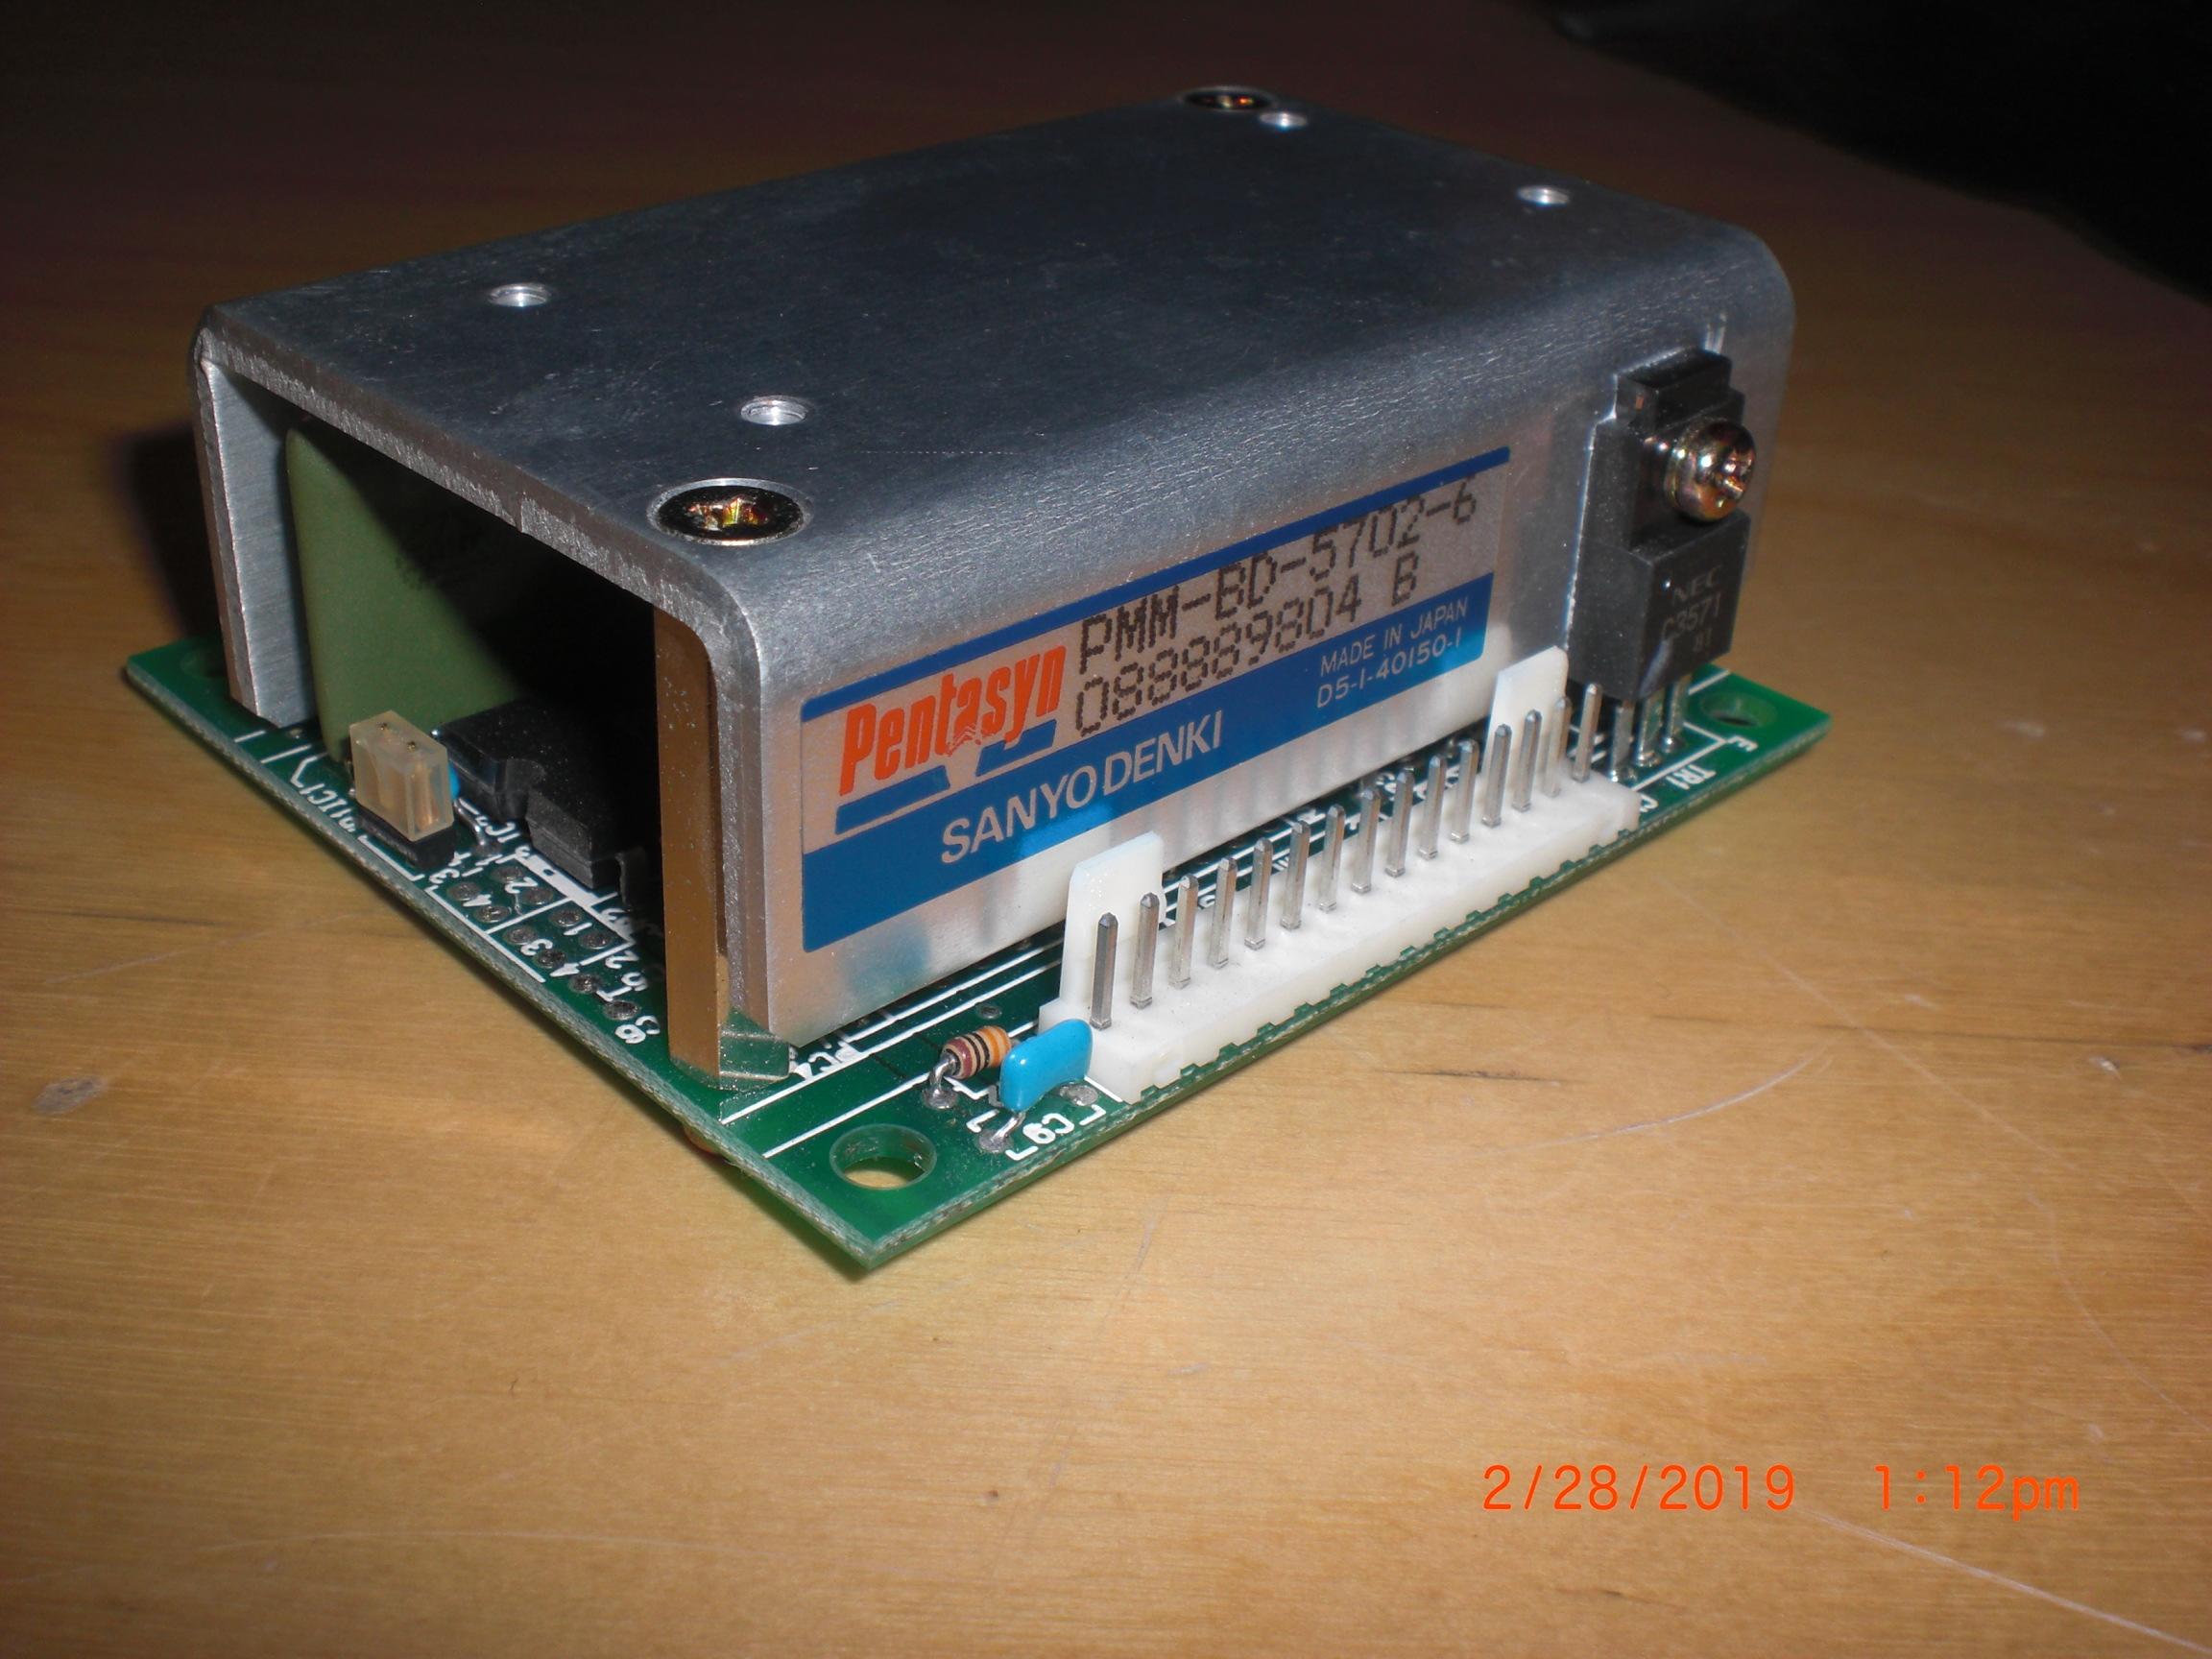 Driver SANYO DENKI PMM-BD-5702-6  (TEL) CT040-000951-1 MOTOR THETA  PENTASYN